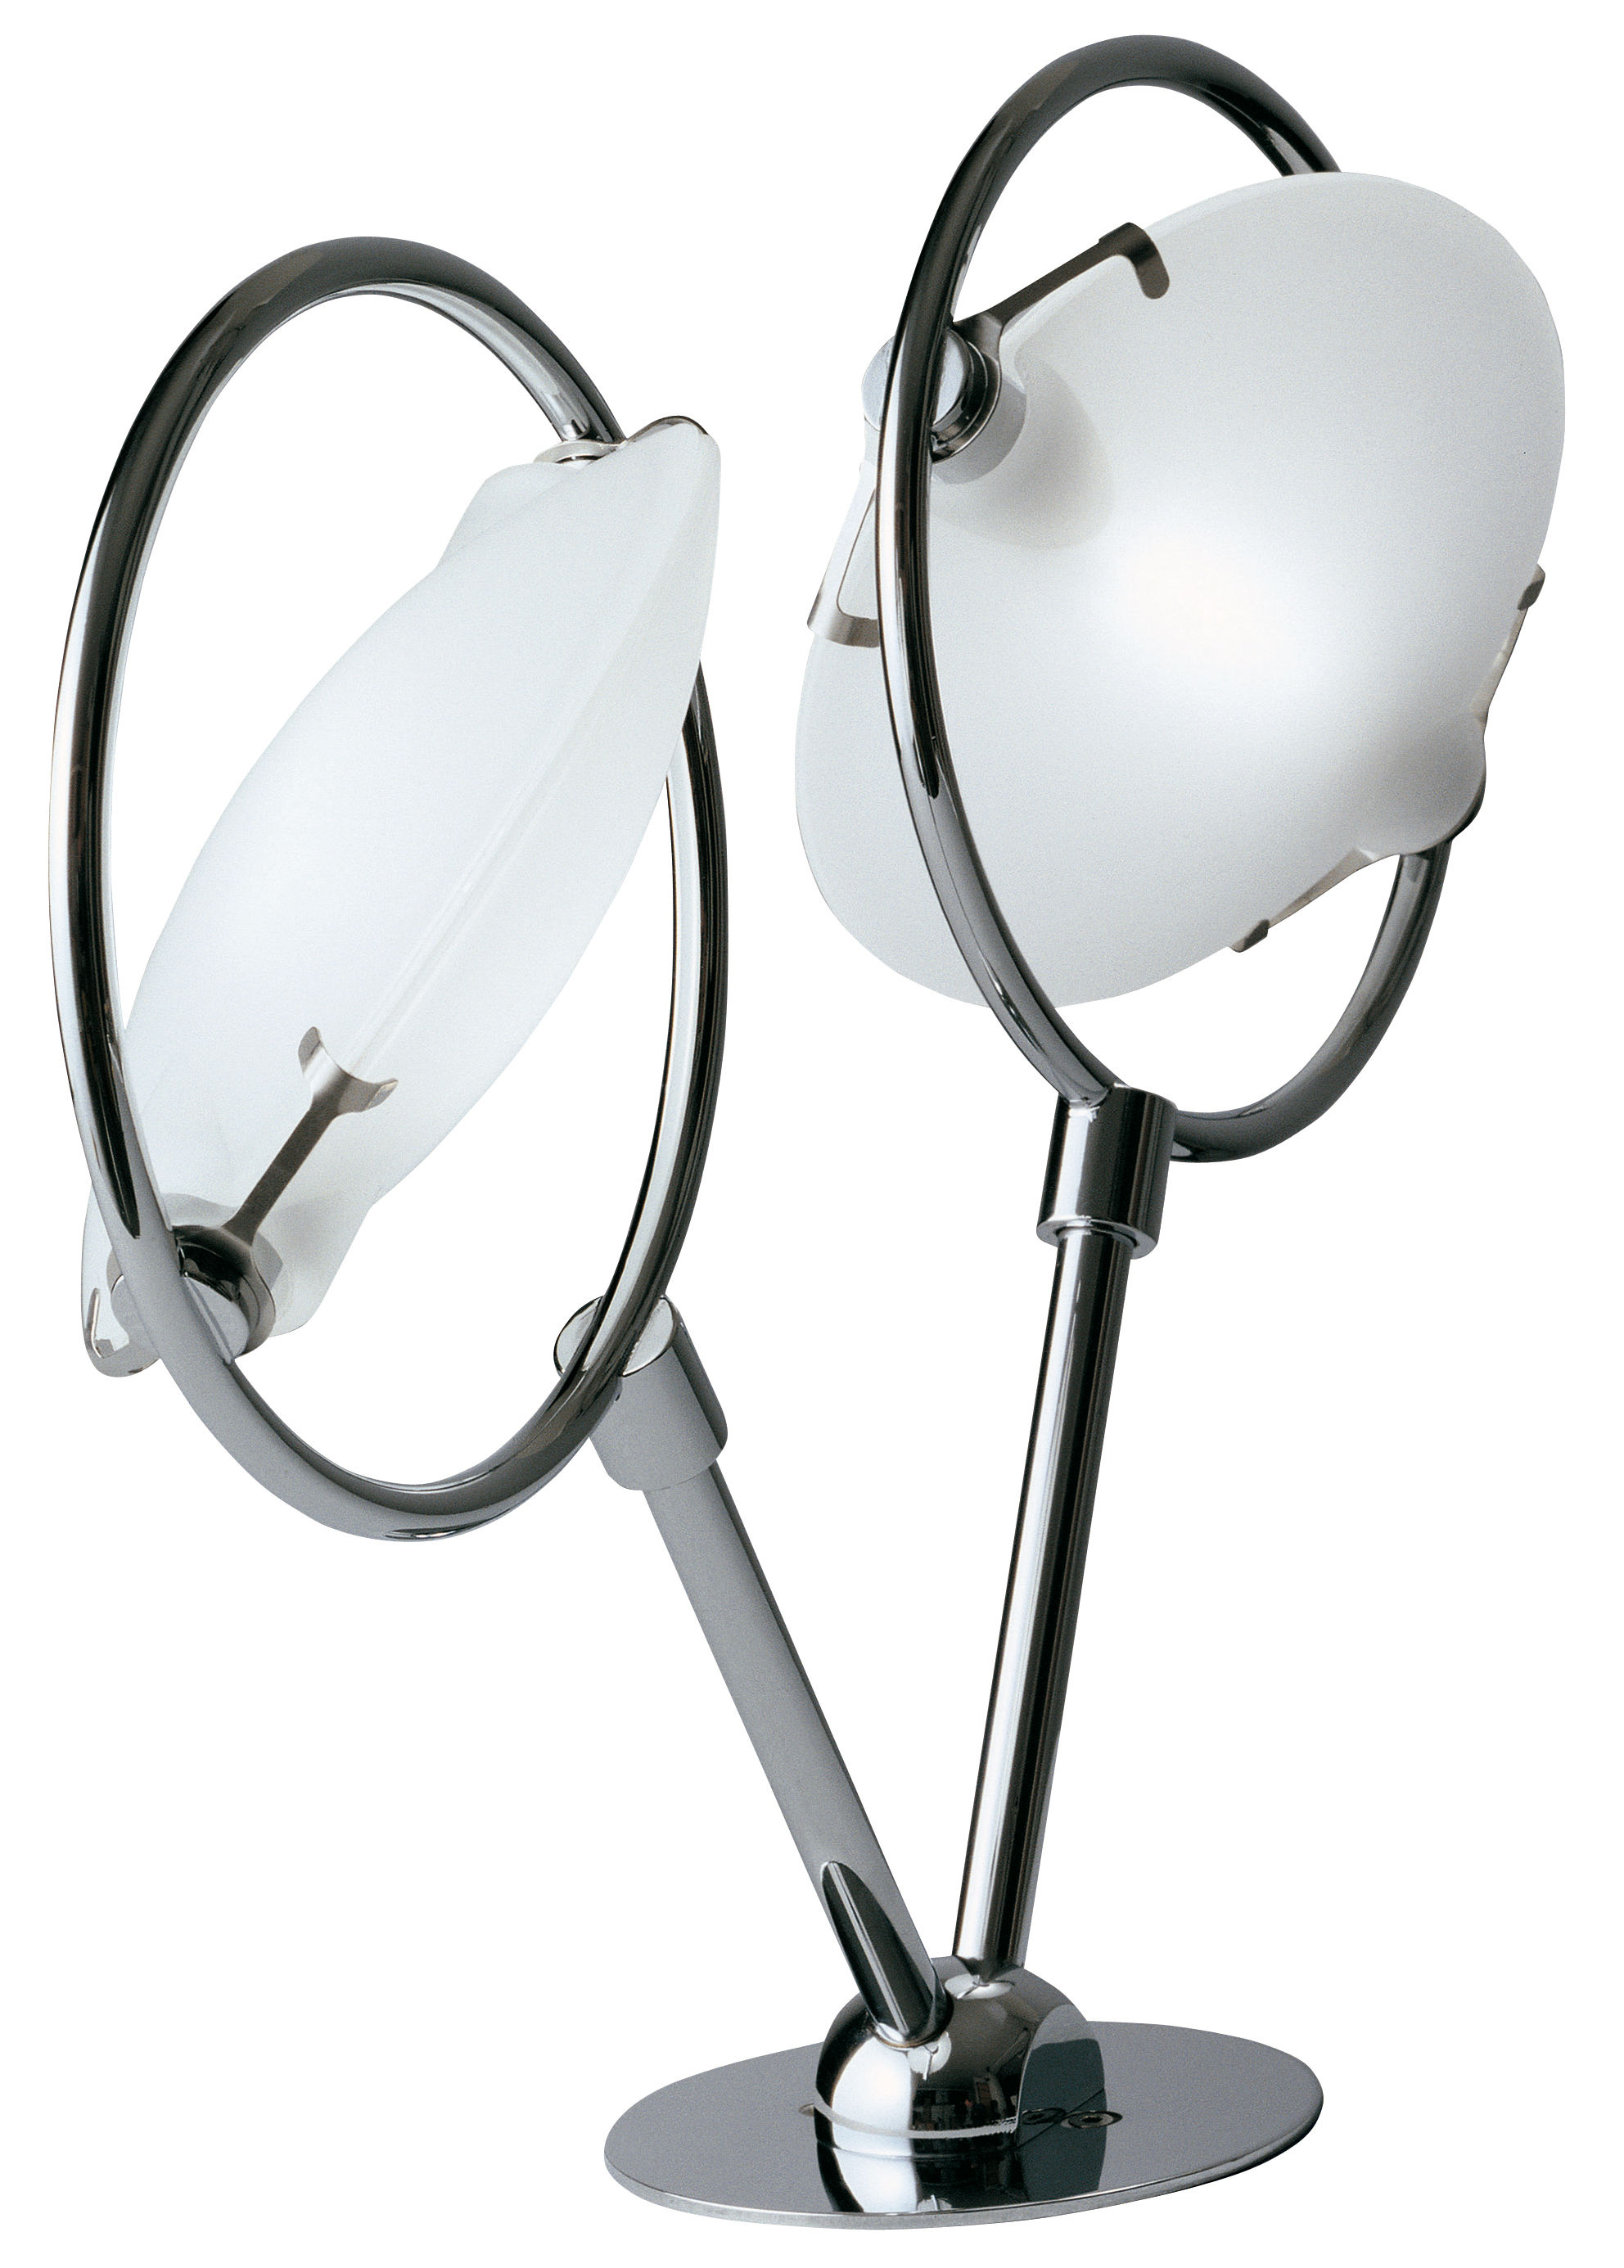 Luminaire - Appliques - Applique Nobi - Fontana Arte - Applique - Chrome - Métal chromé, Verre